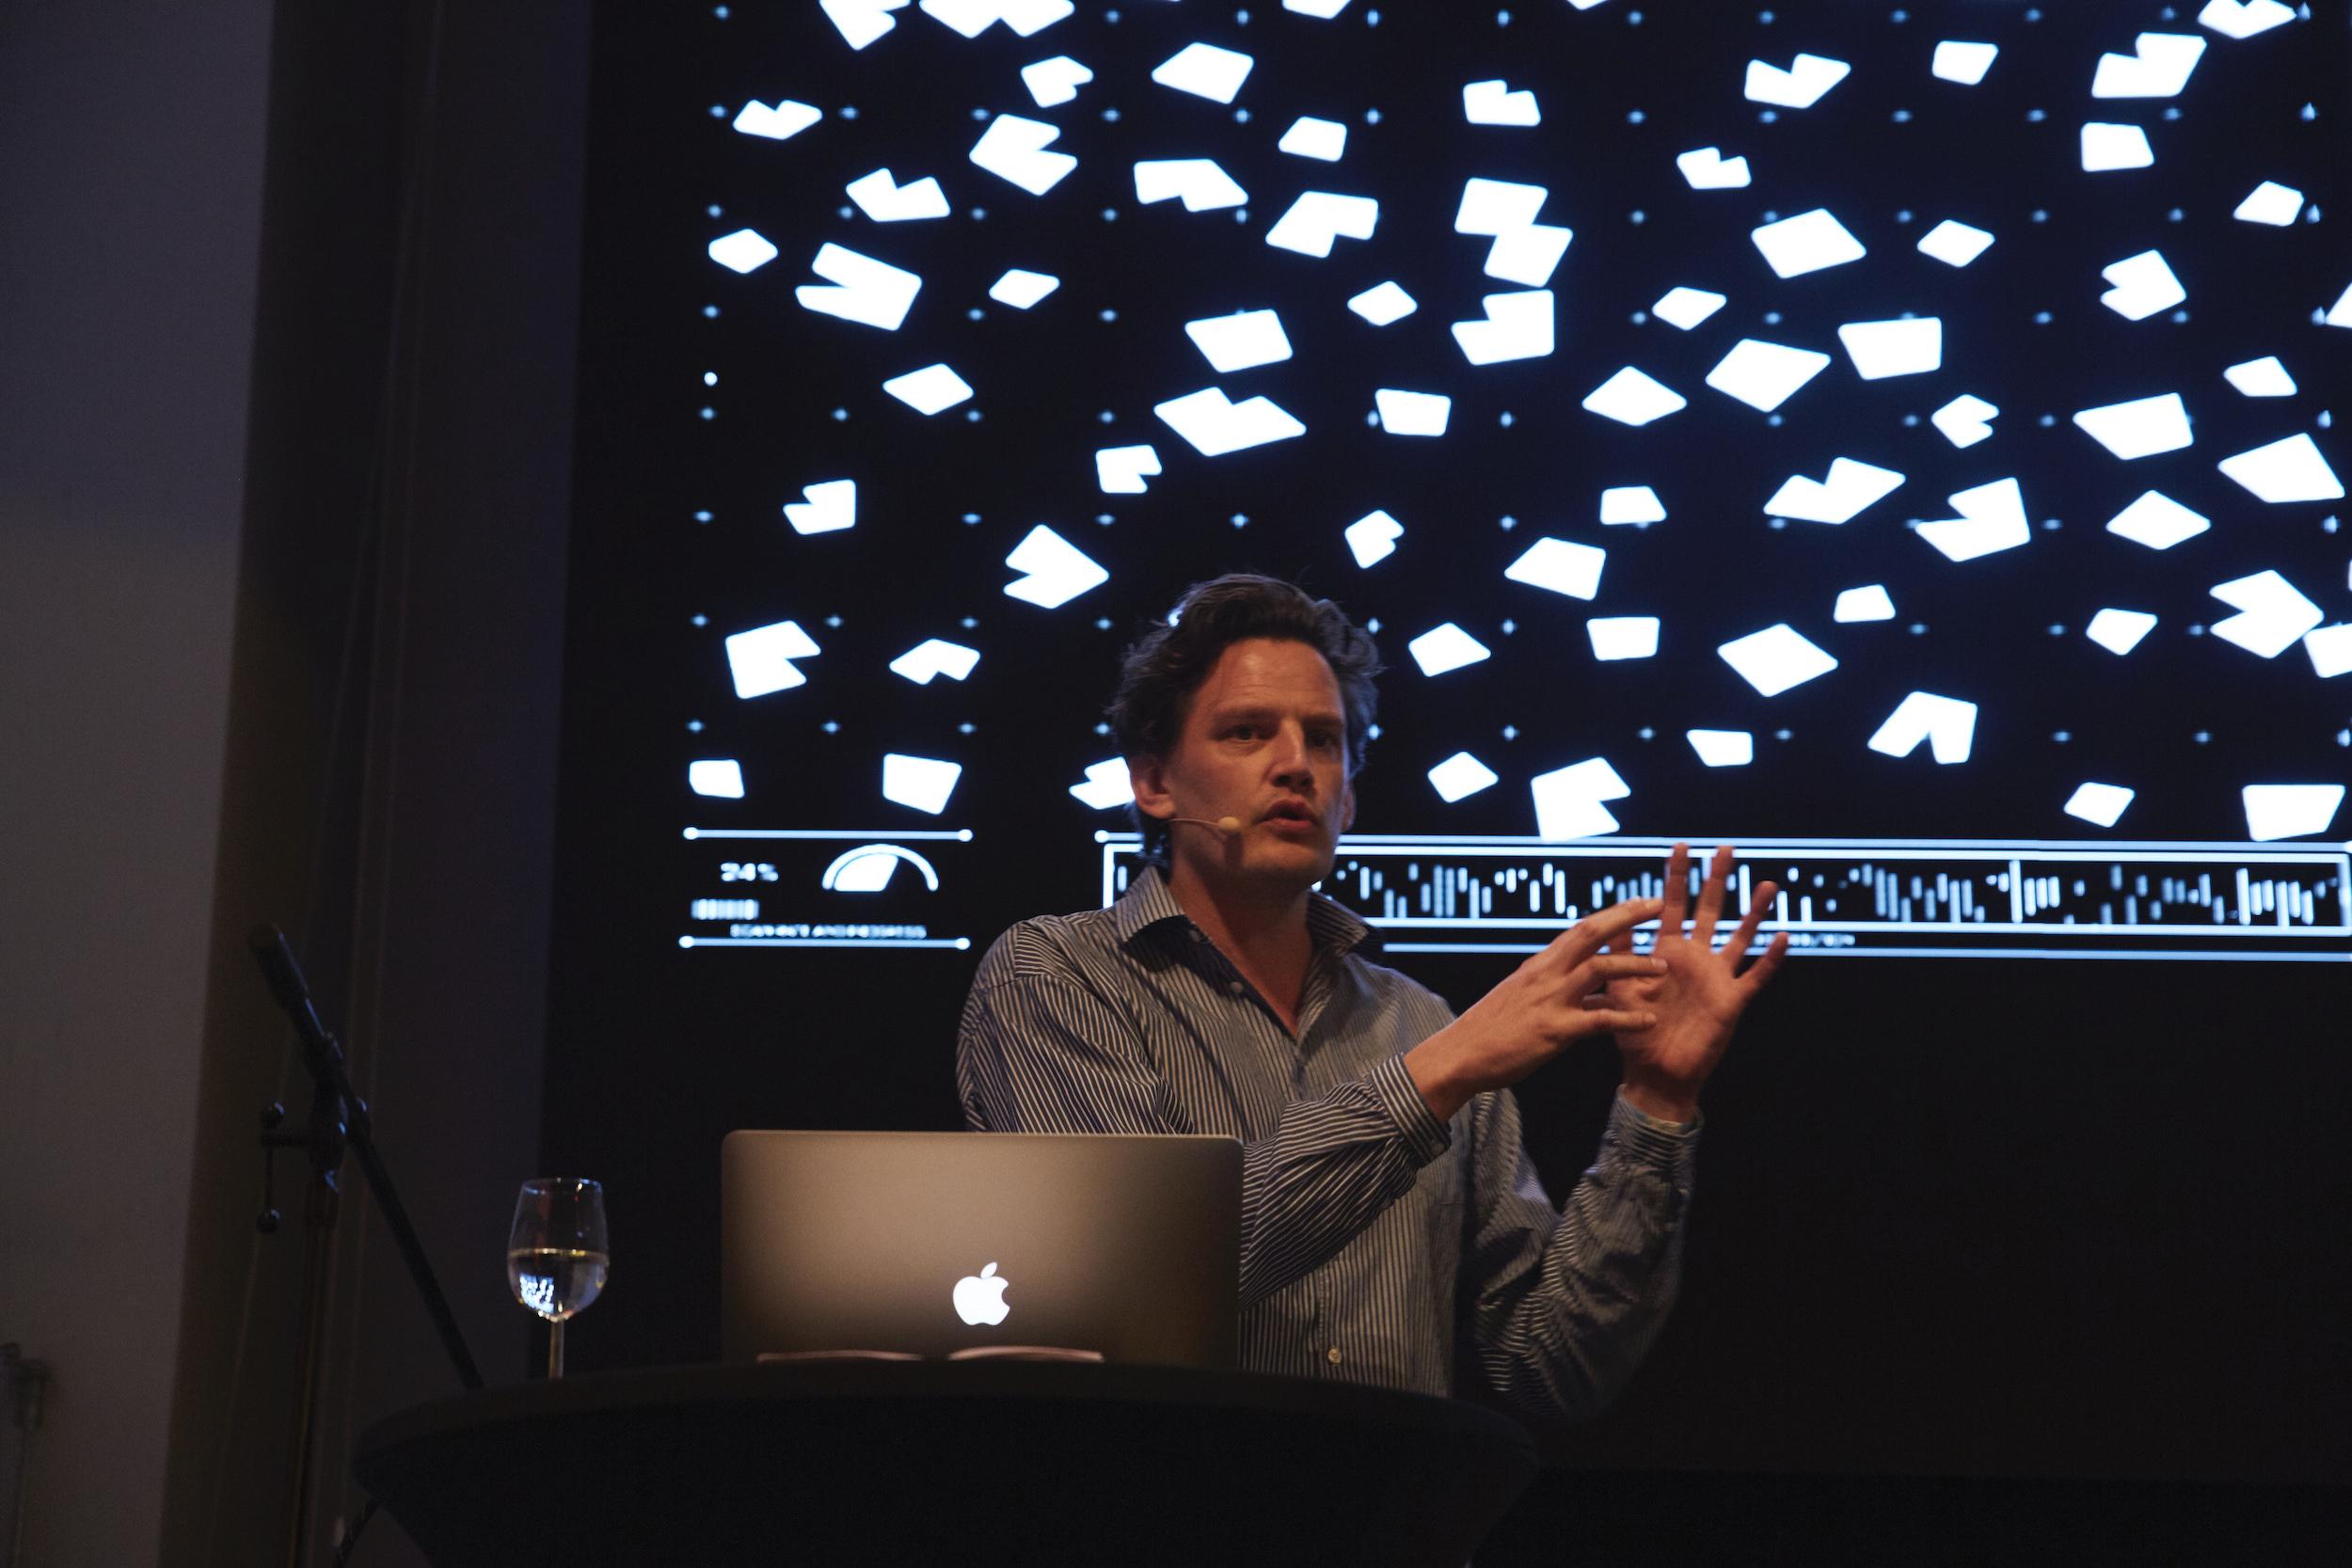 Tobias Nolte Sprecher Architecture Matters 2019 in der Alten Akademie München